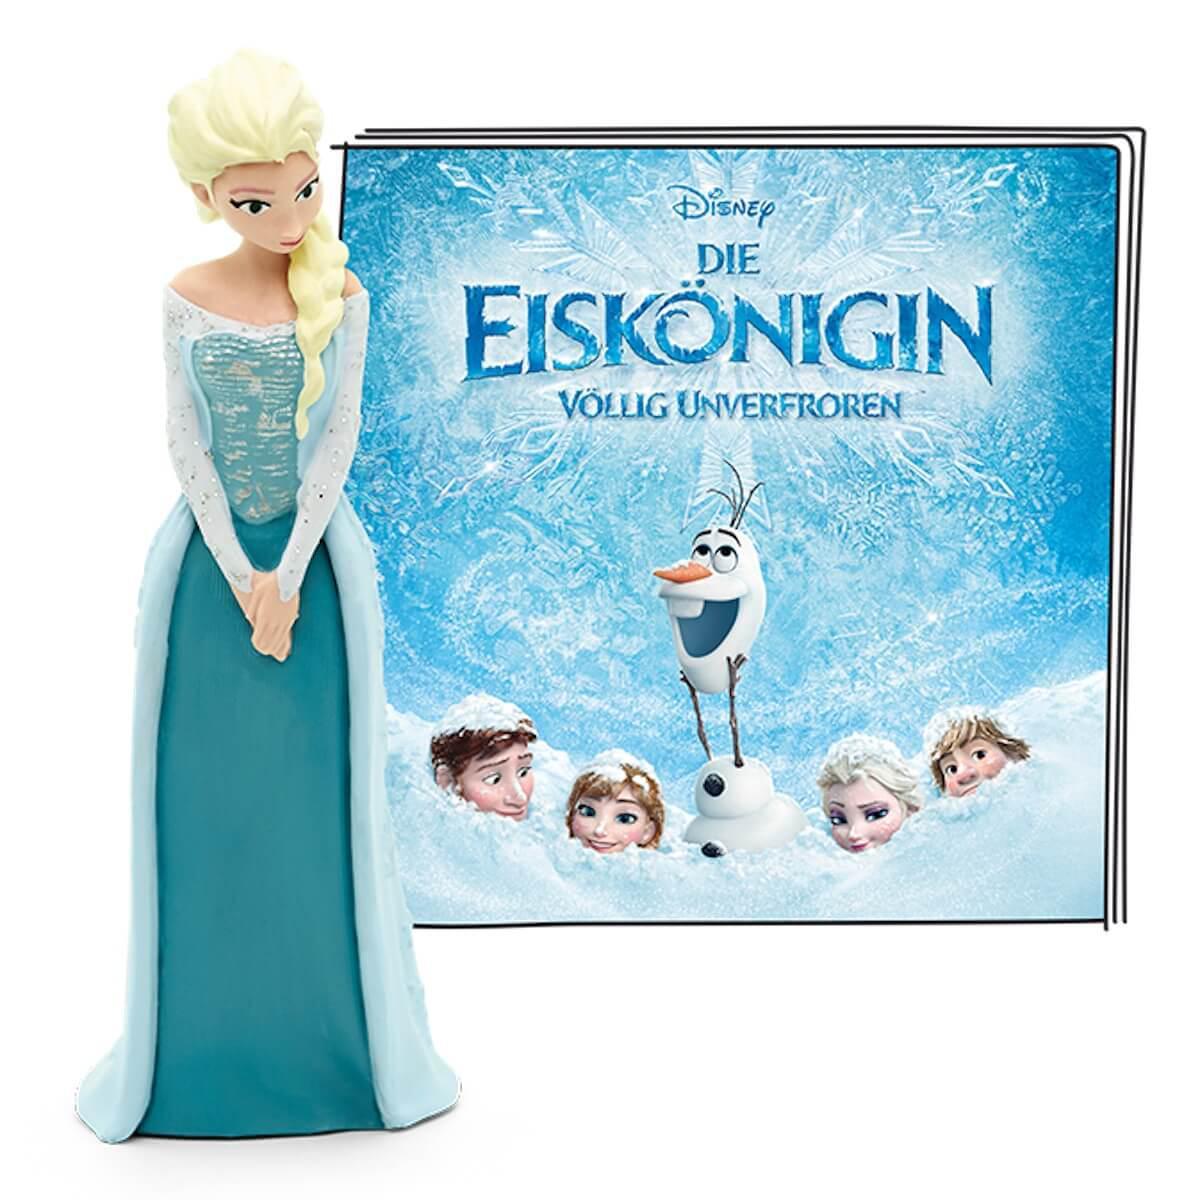 Hörspielfigur TONIES Disney Die Eiskönigin